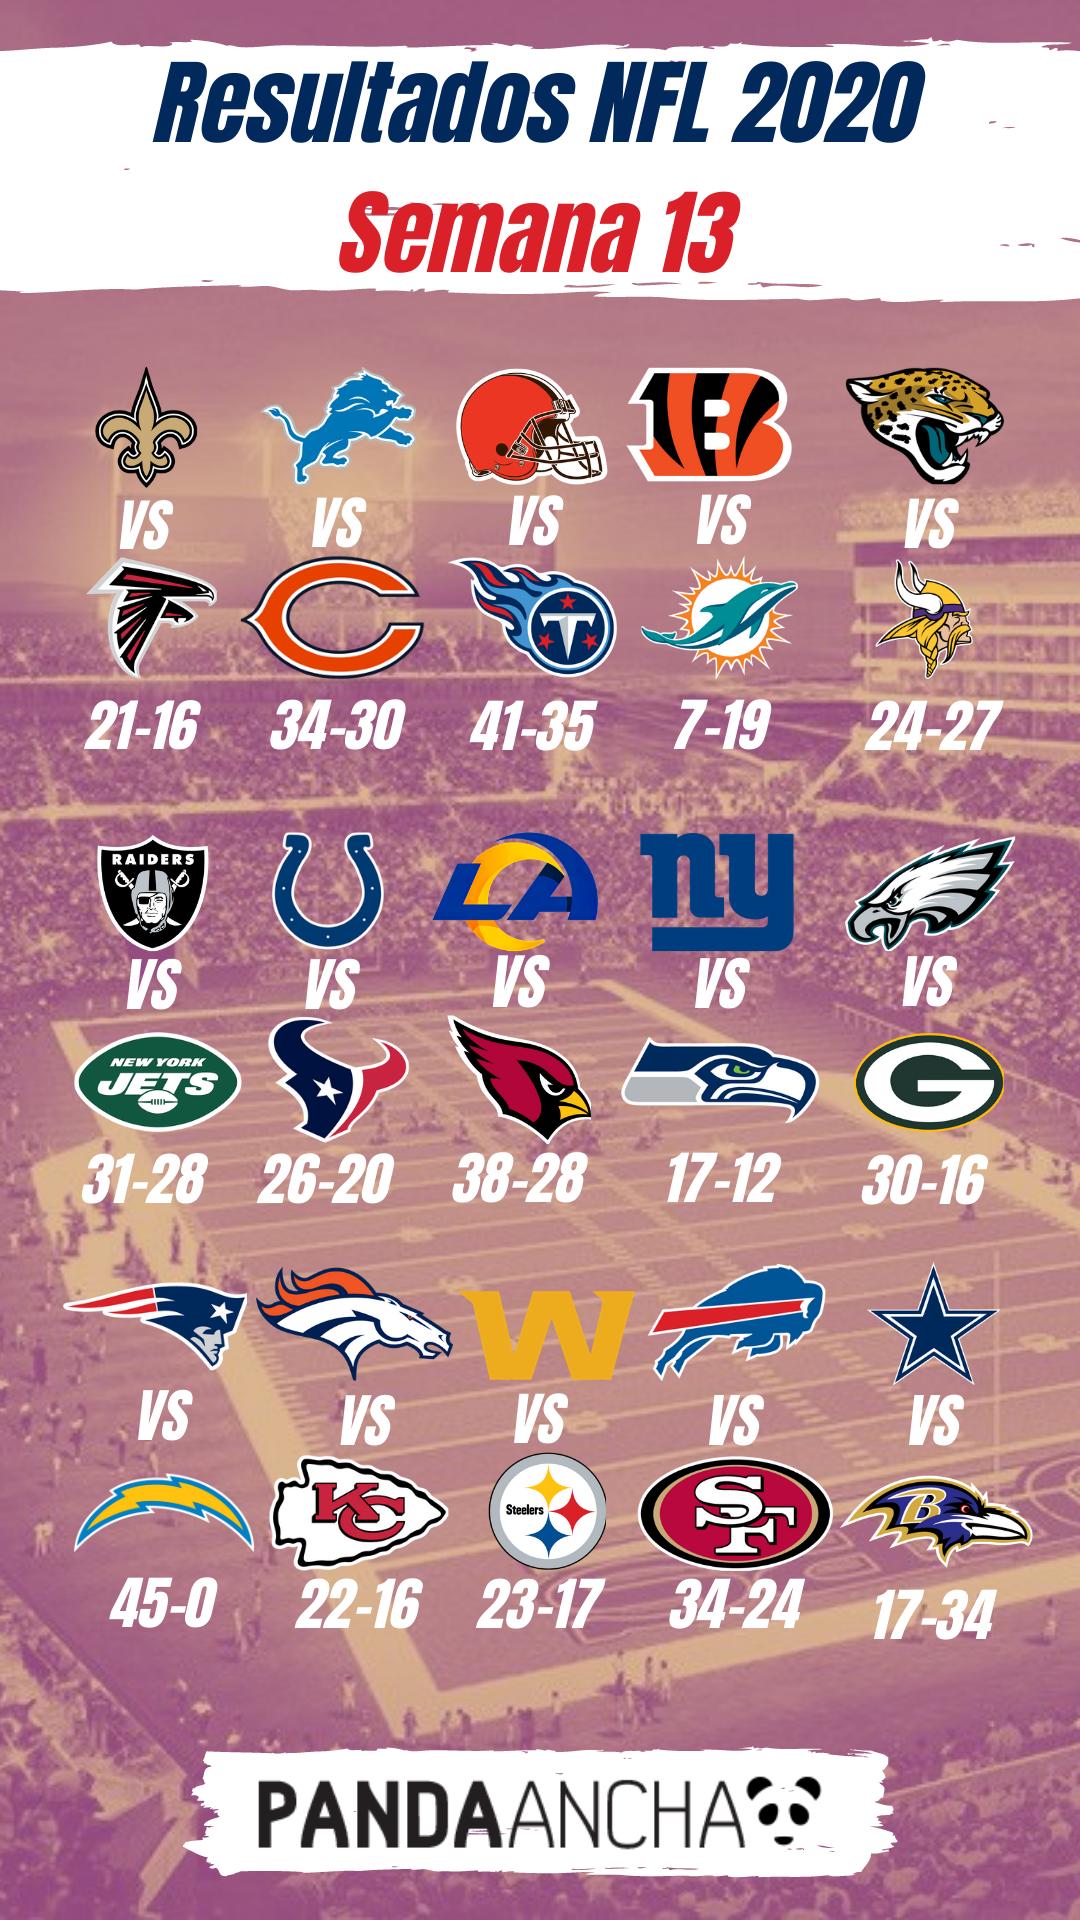 Resultados de la Semana 13 de la Temporada NFL 2020